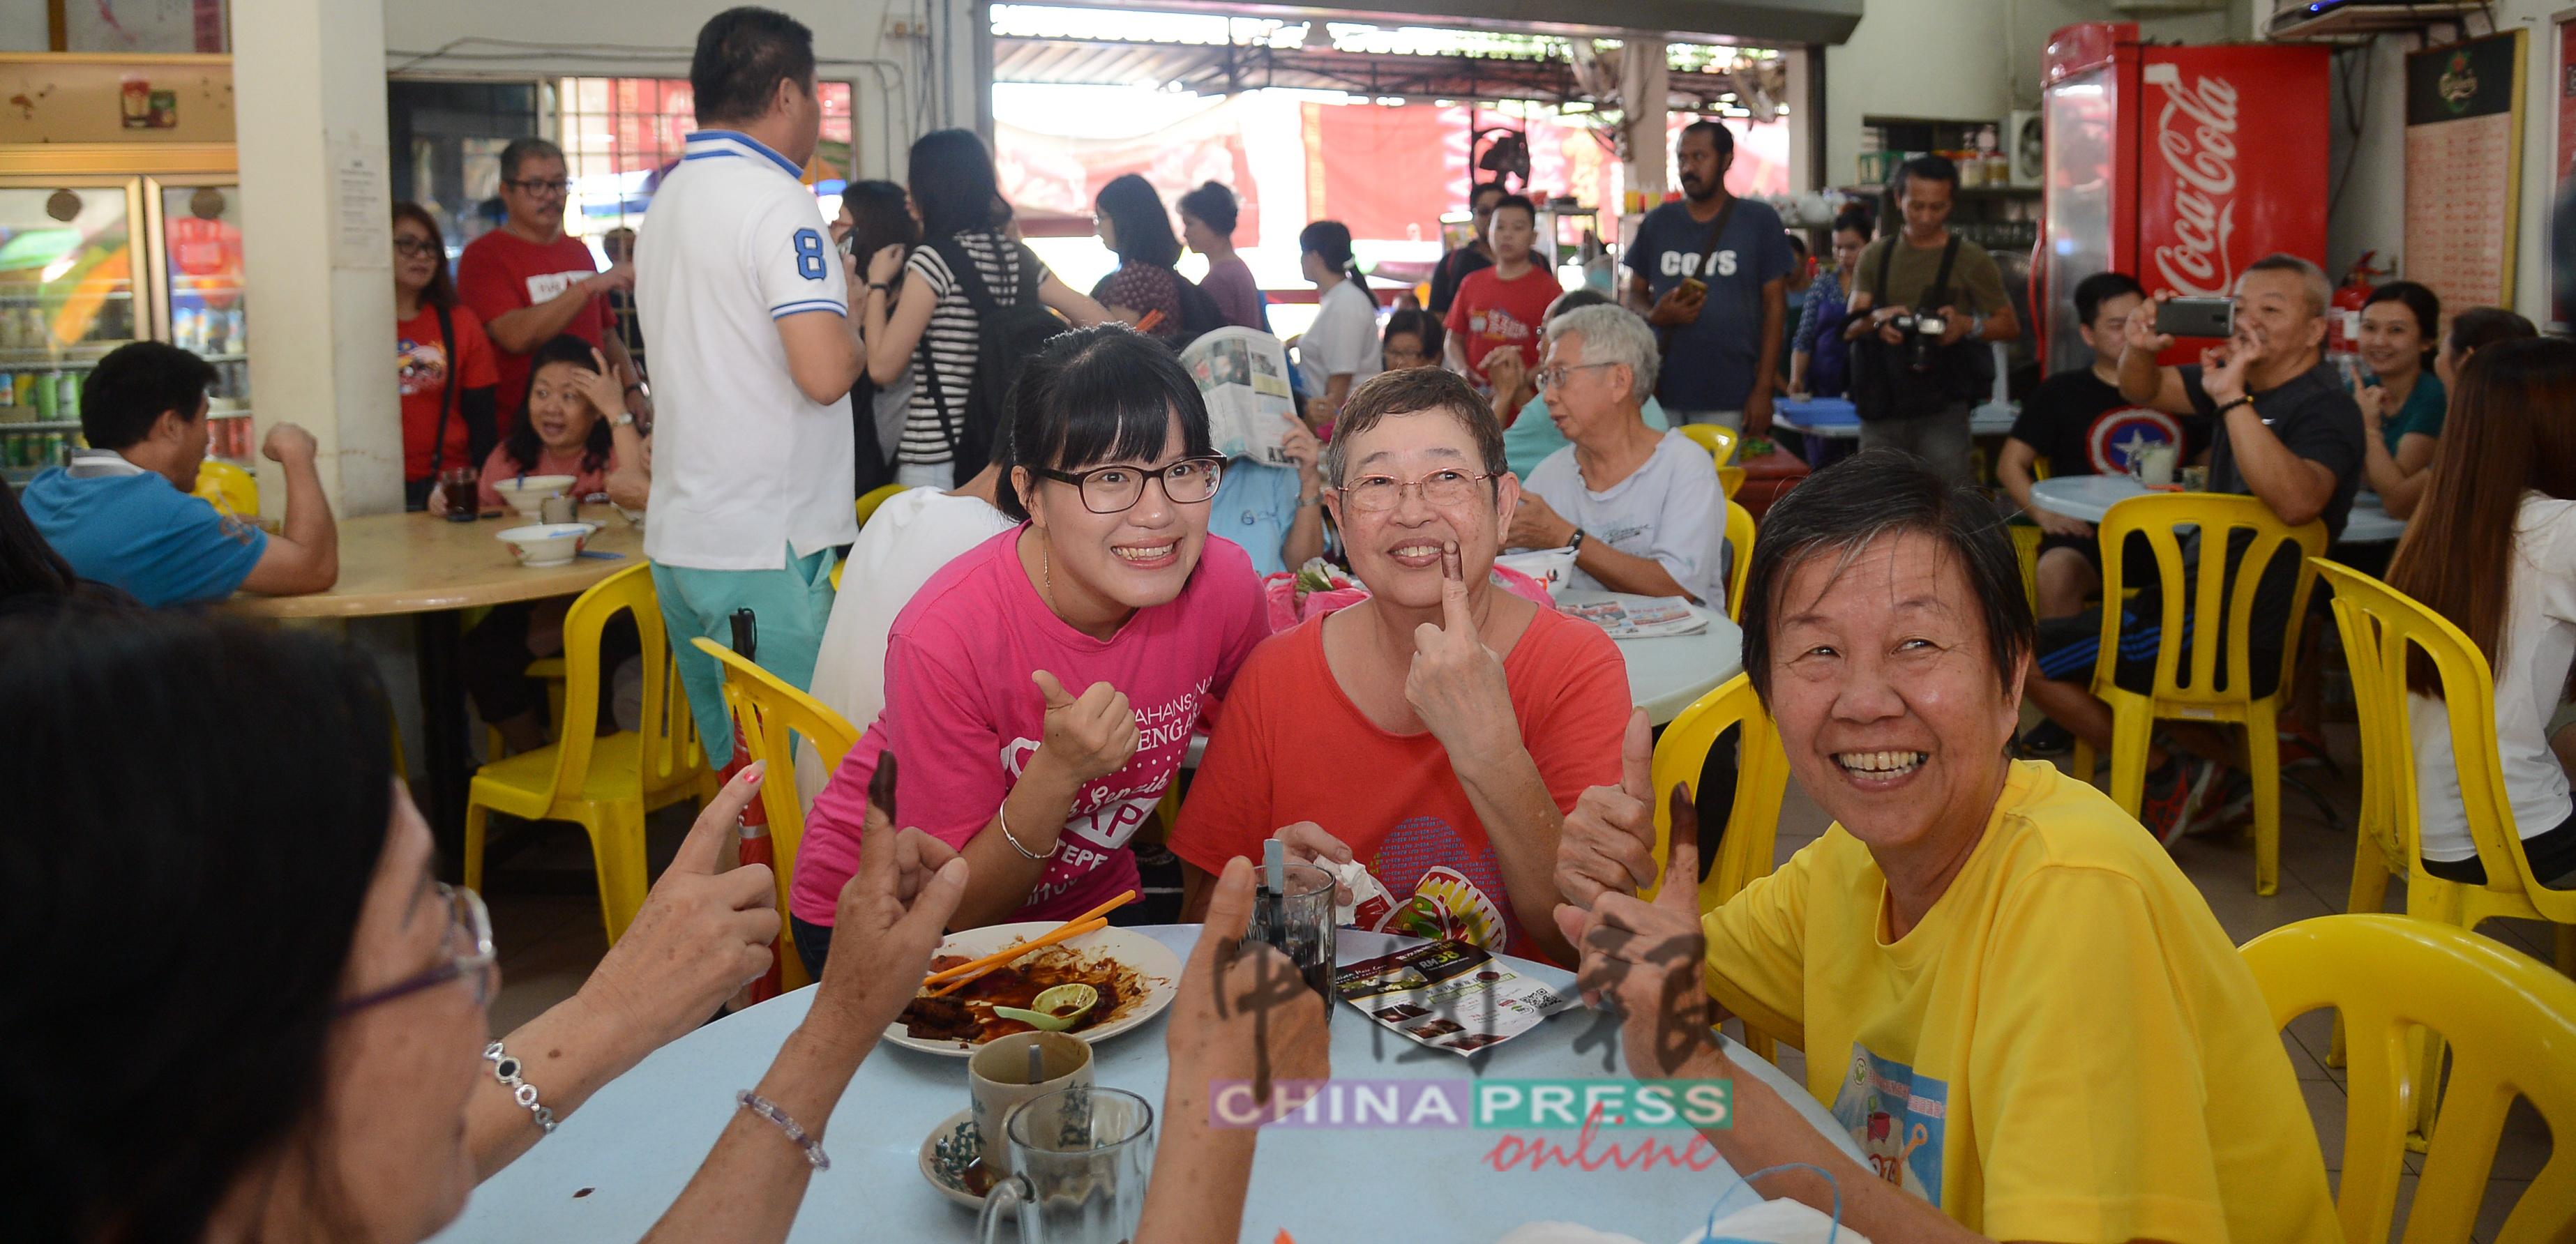 王詩棋(左)到茶室謝票時,獲得婦女們熱烈歡迎。